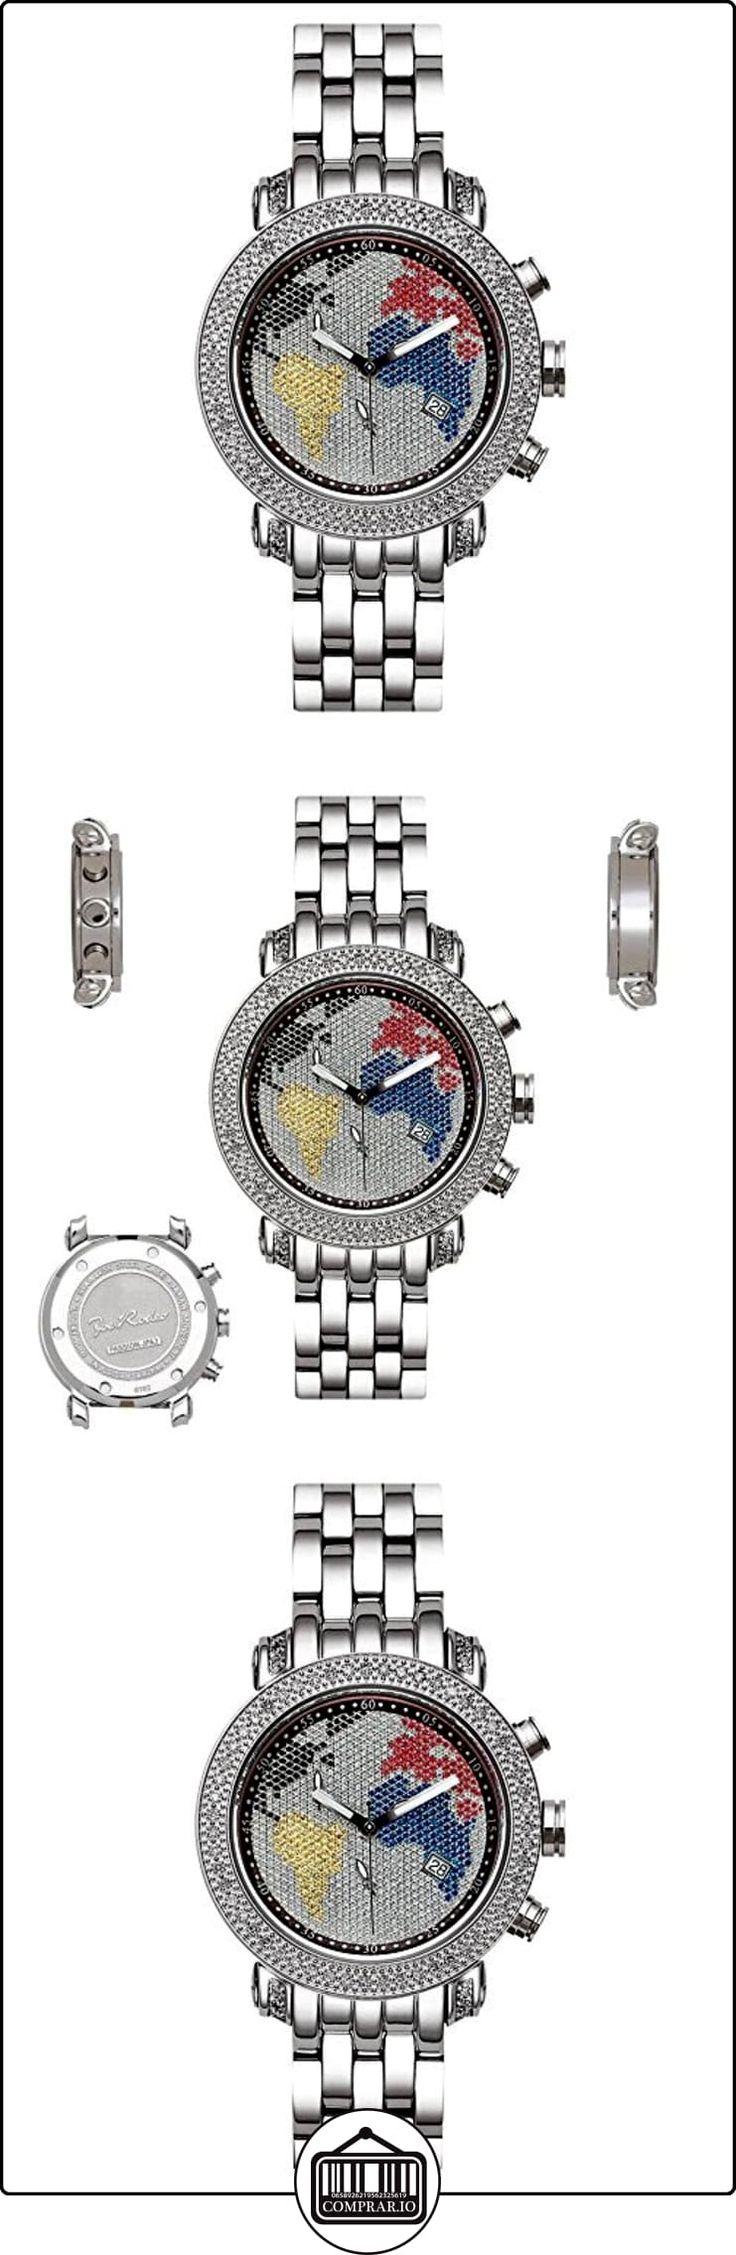 Joe Rodeo crotalo reloj de pulsera para mujer - PASSION plata 0.6 estación  ✿ Relojes para mujer - (Lujo) ✿